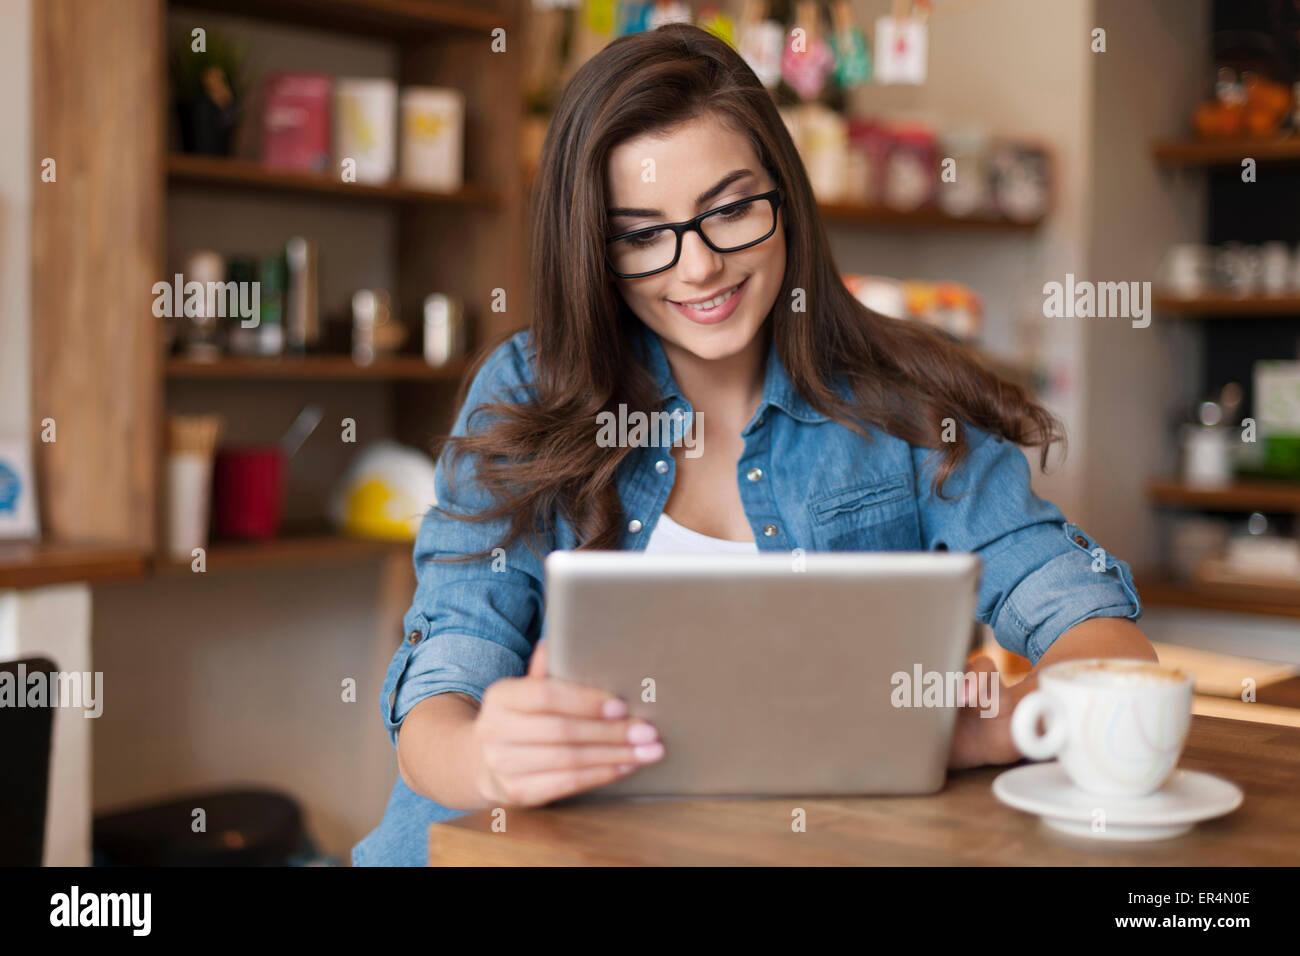 Bella donna con tavoletta digitale presso il cafe. Cracovia in Polonia Immagini Stock